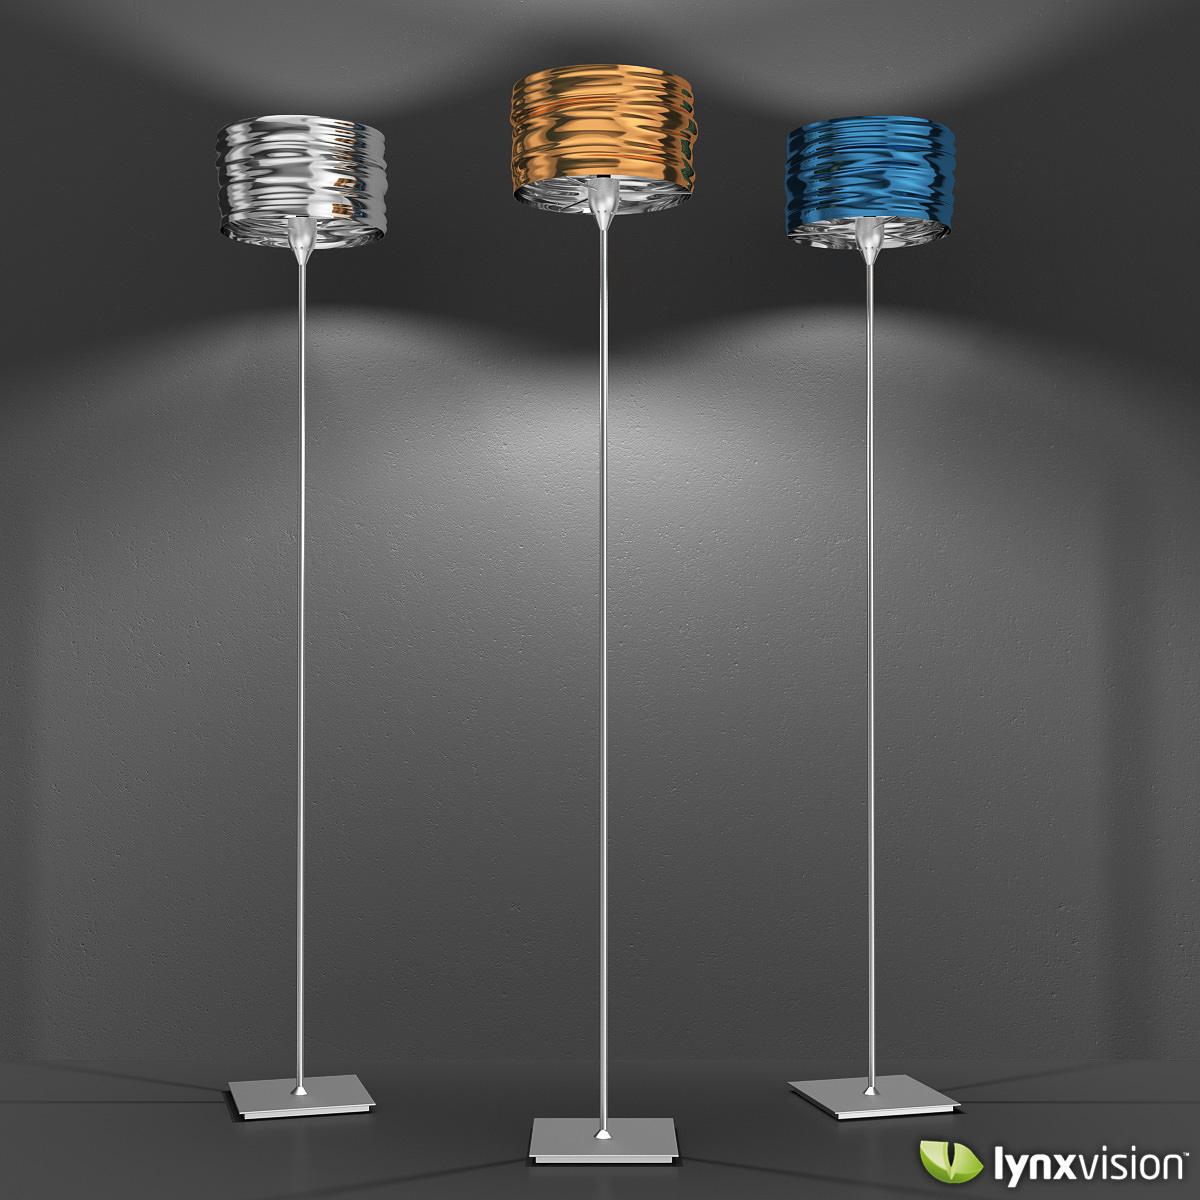 aqua cil terra floor lamp artemide 3d model max obj fbx c4d lwo lw lws - Artemide Lighting